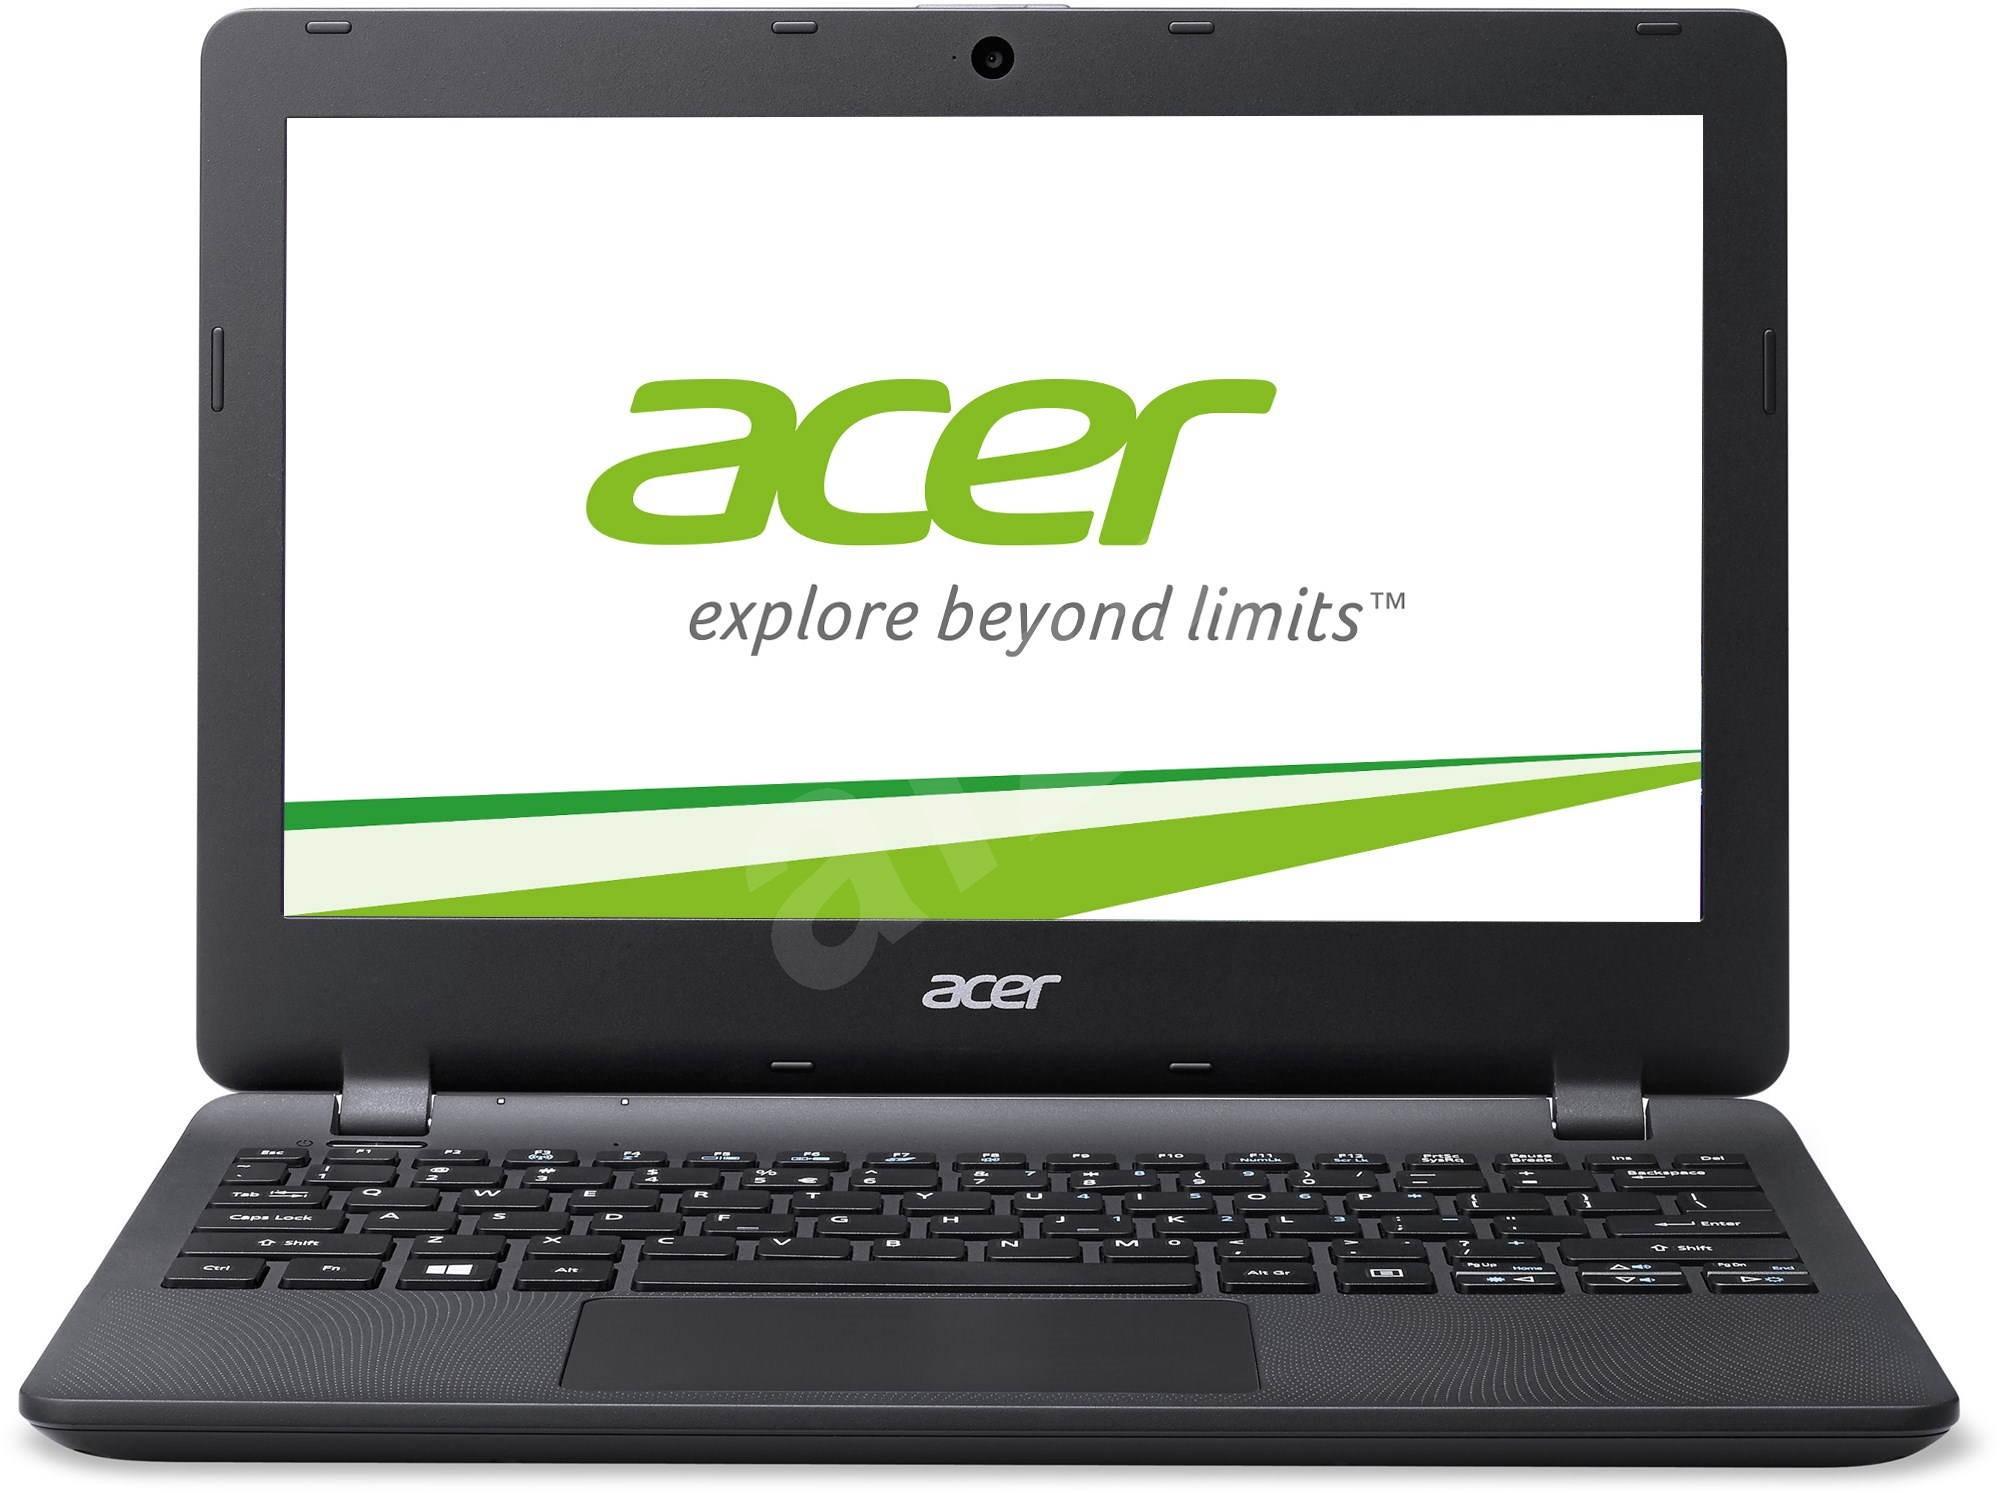 Jual Acer E3 380 Update 2018 3in1 Lusinan Sabun Beras Thailand K Brothers Tiga Manfaat Dlm 1 Jauh Lebih Harga Aspire E11 Are Laptops Durable Switch Black